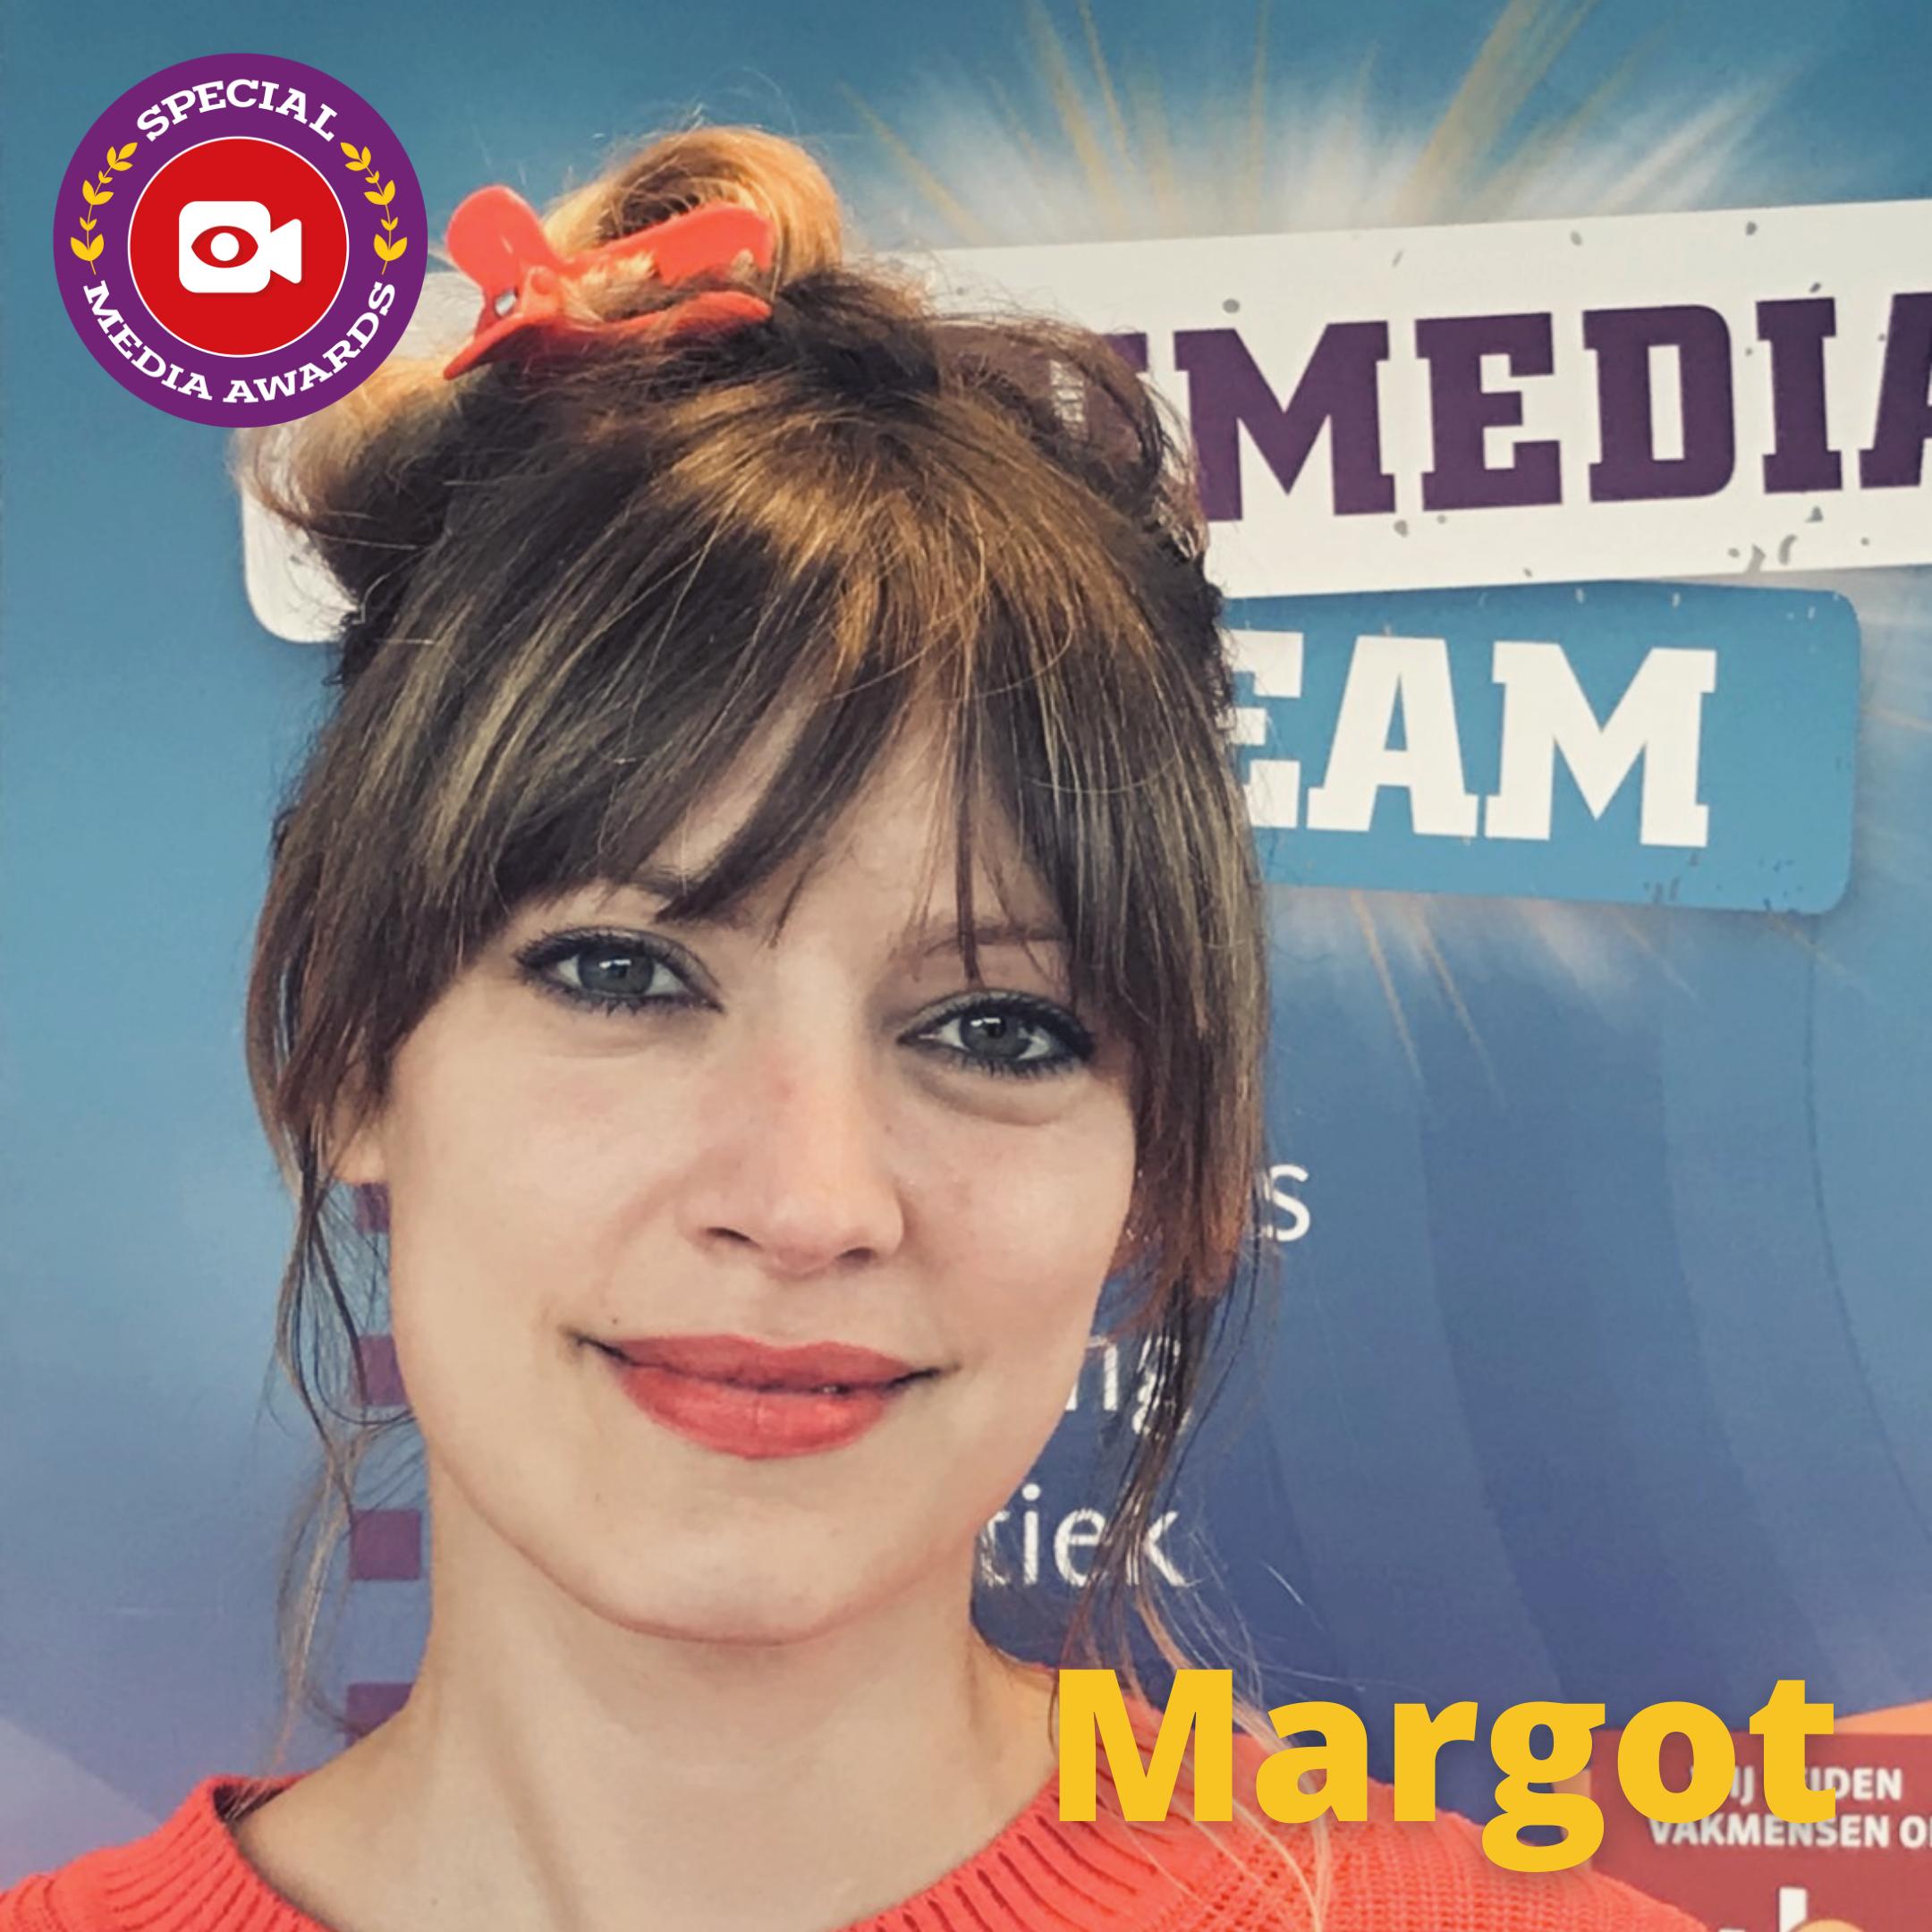 Margot van Duren